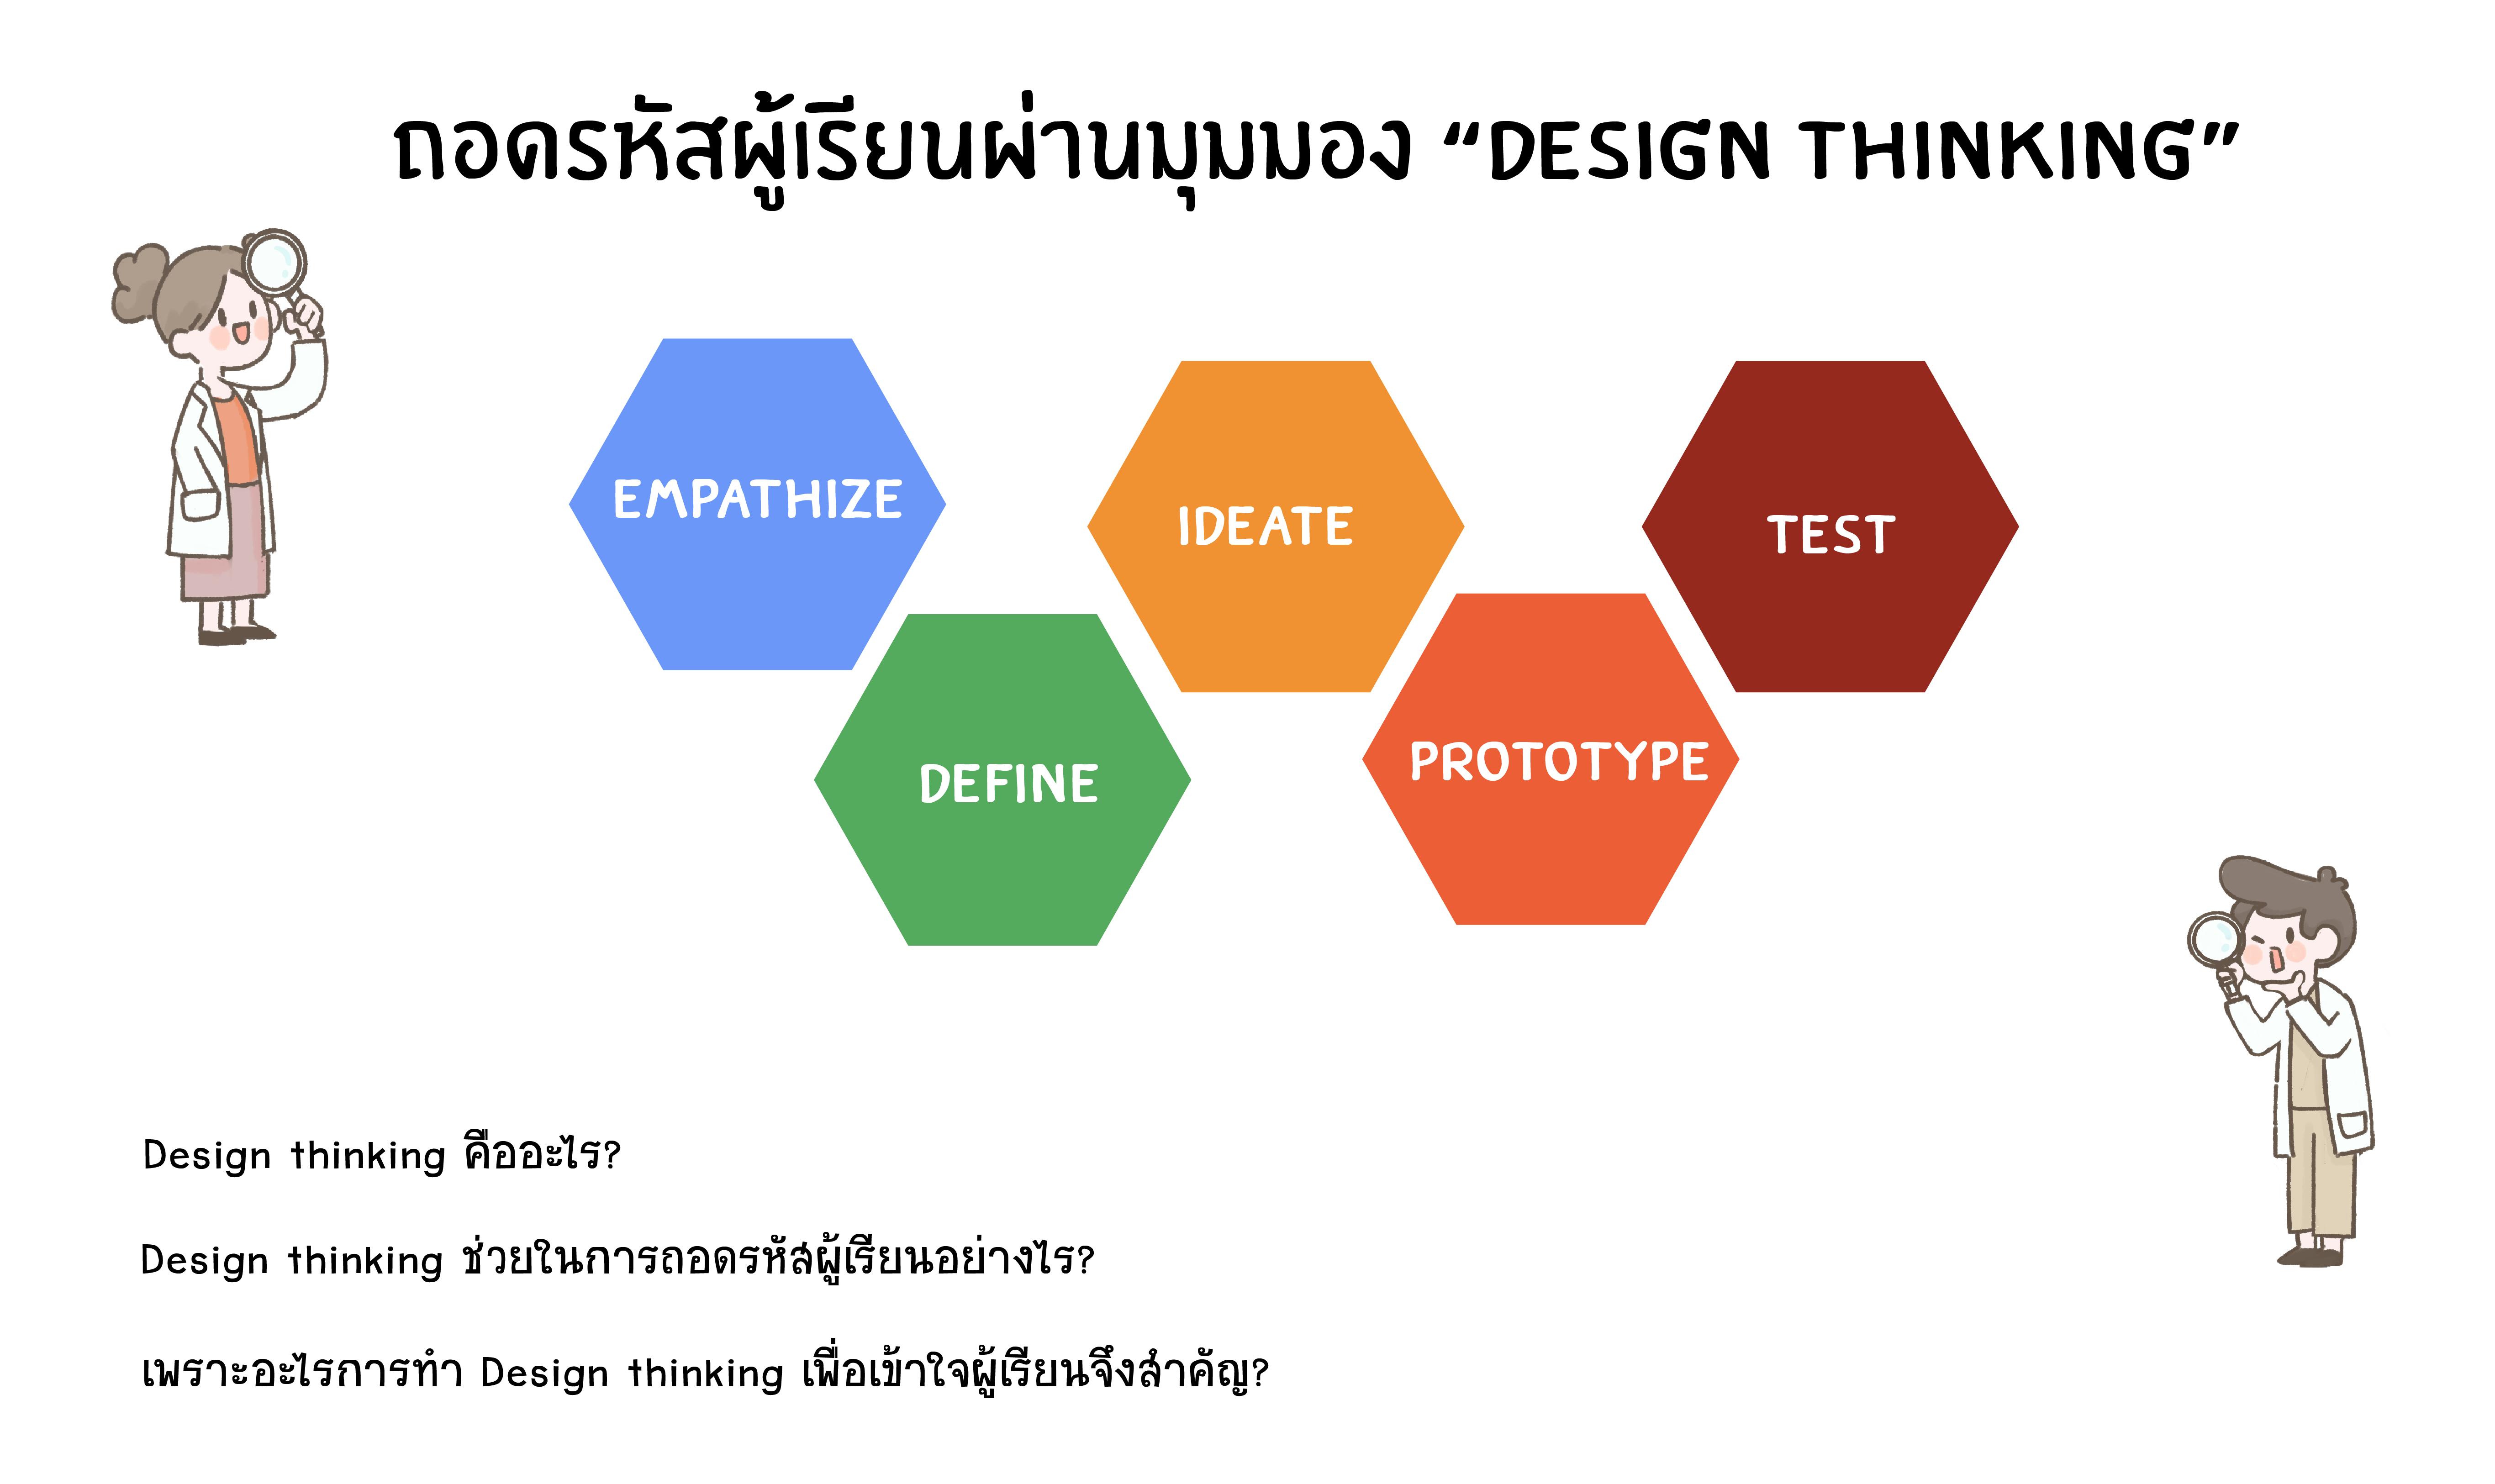 ภาพประกอบไอเดีย ถอดรหัสผู้เรียนผ่านมุมมอง Design Thinking